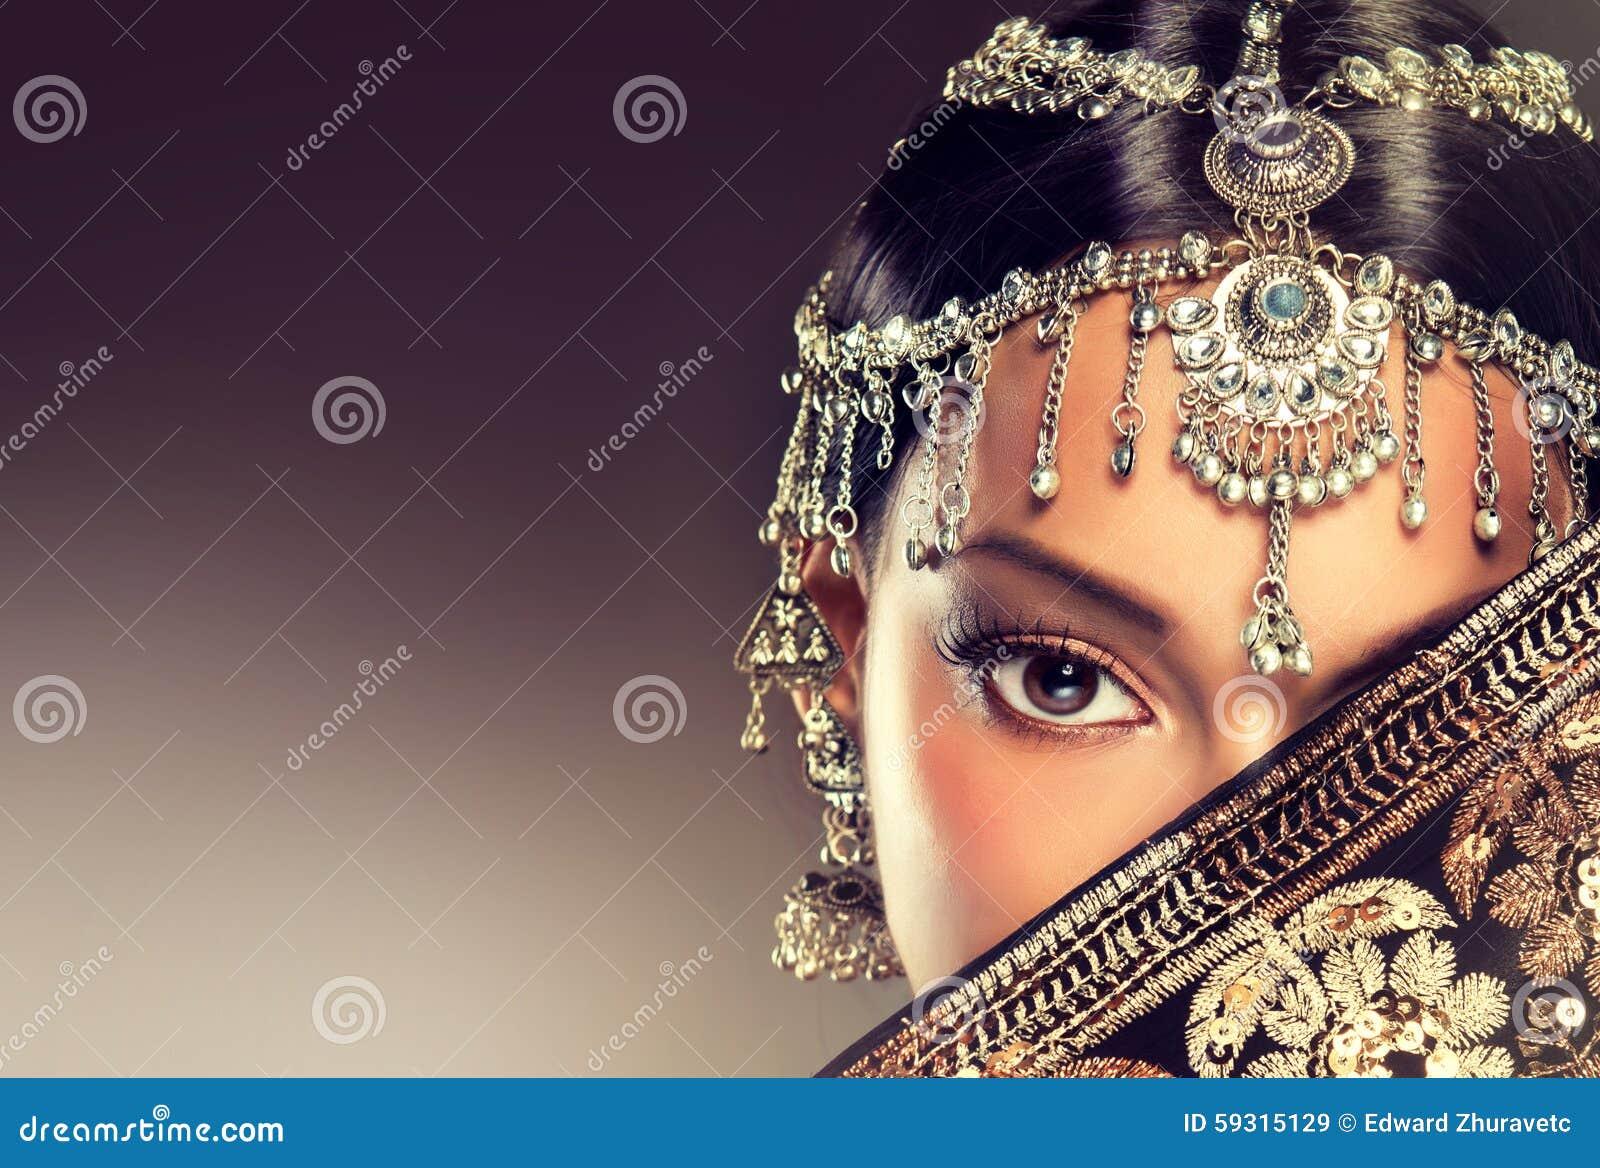 Best looking indian women